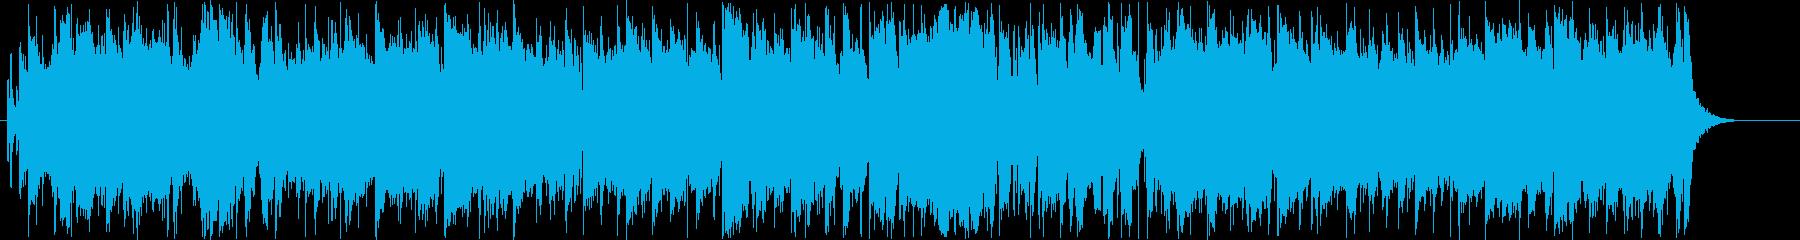 ジャズ風のゆったりとしたブラスセクションの再生済みの波形